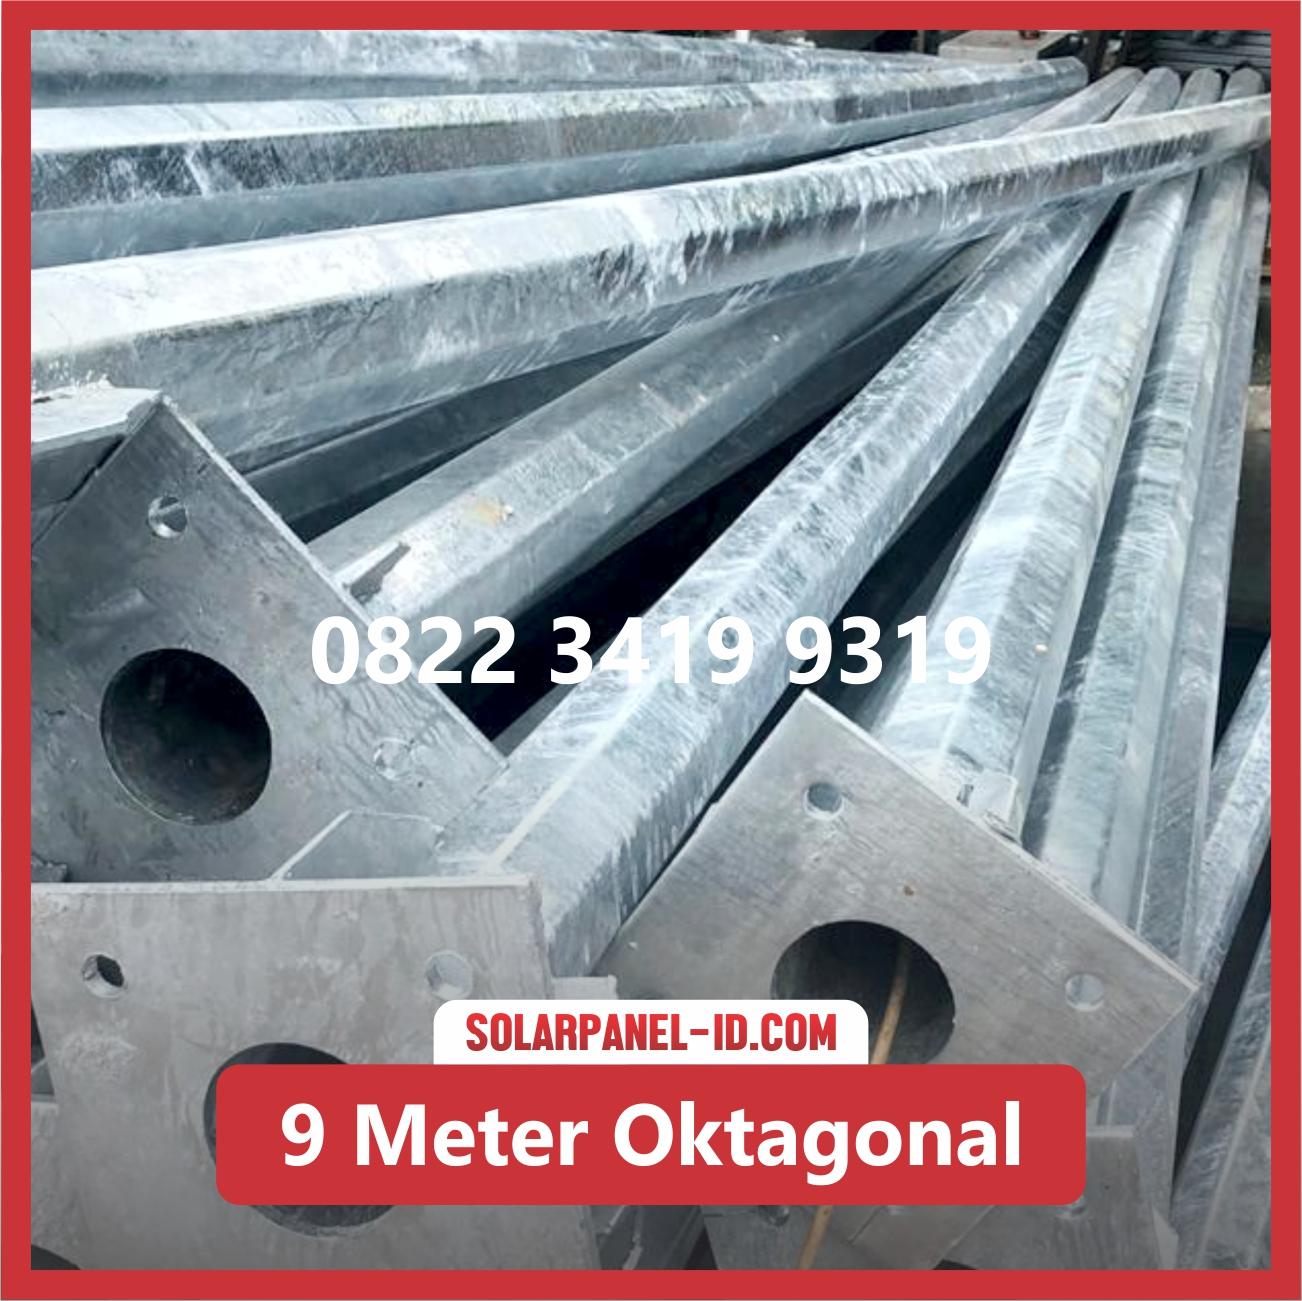 Tiang PJU Tenaga Surya 9 Meter Single Oktagonal